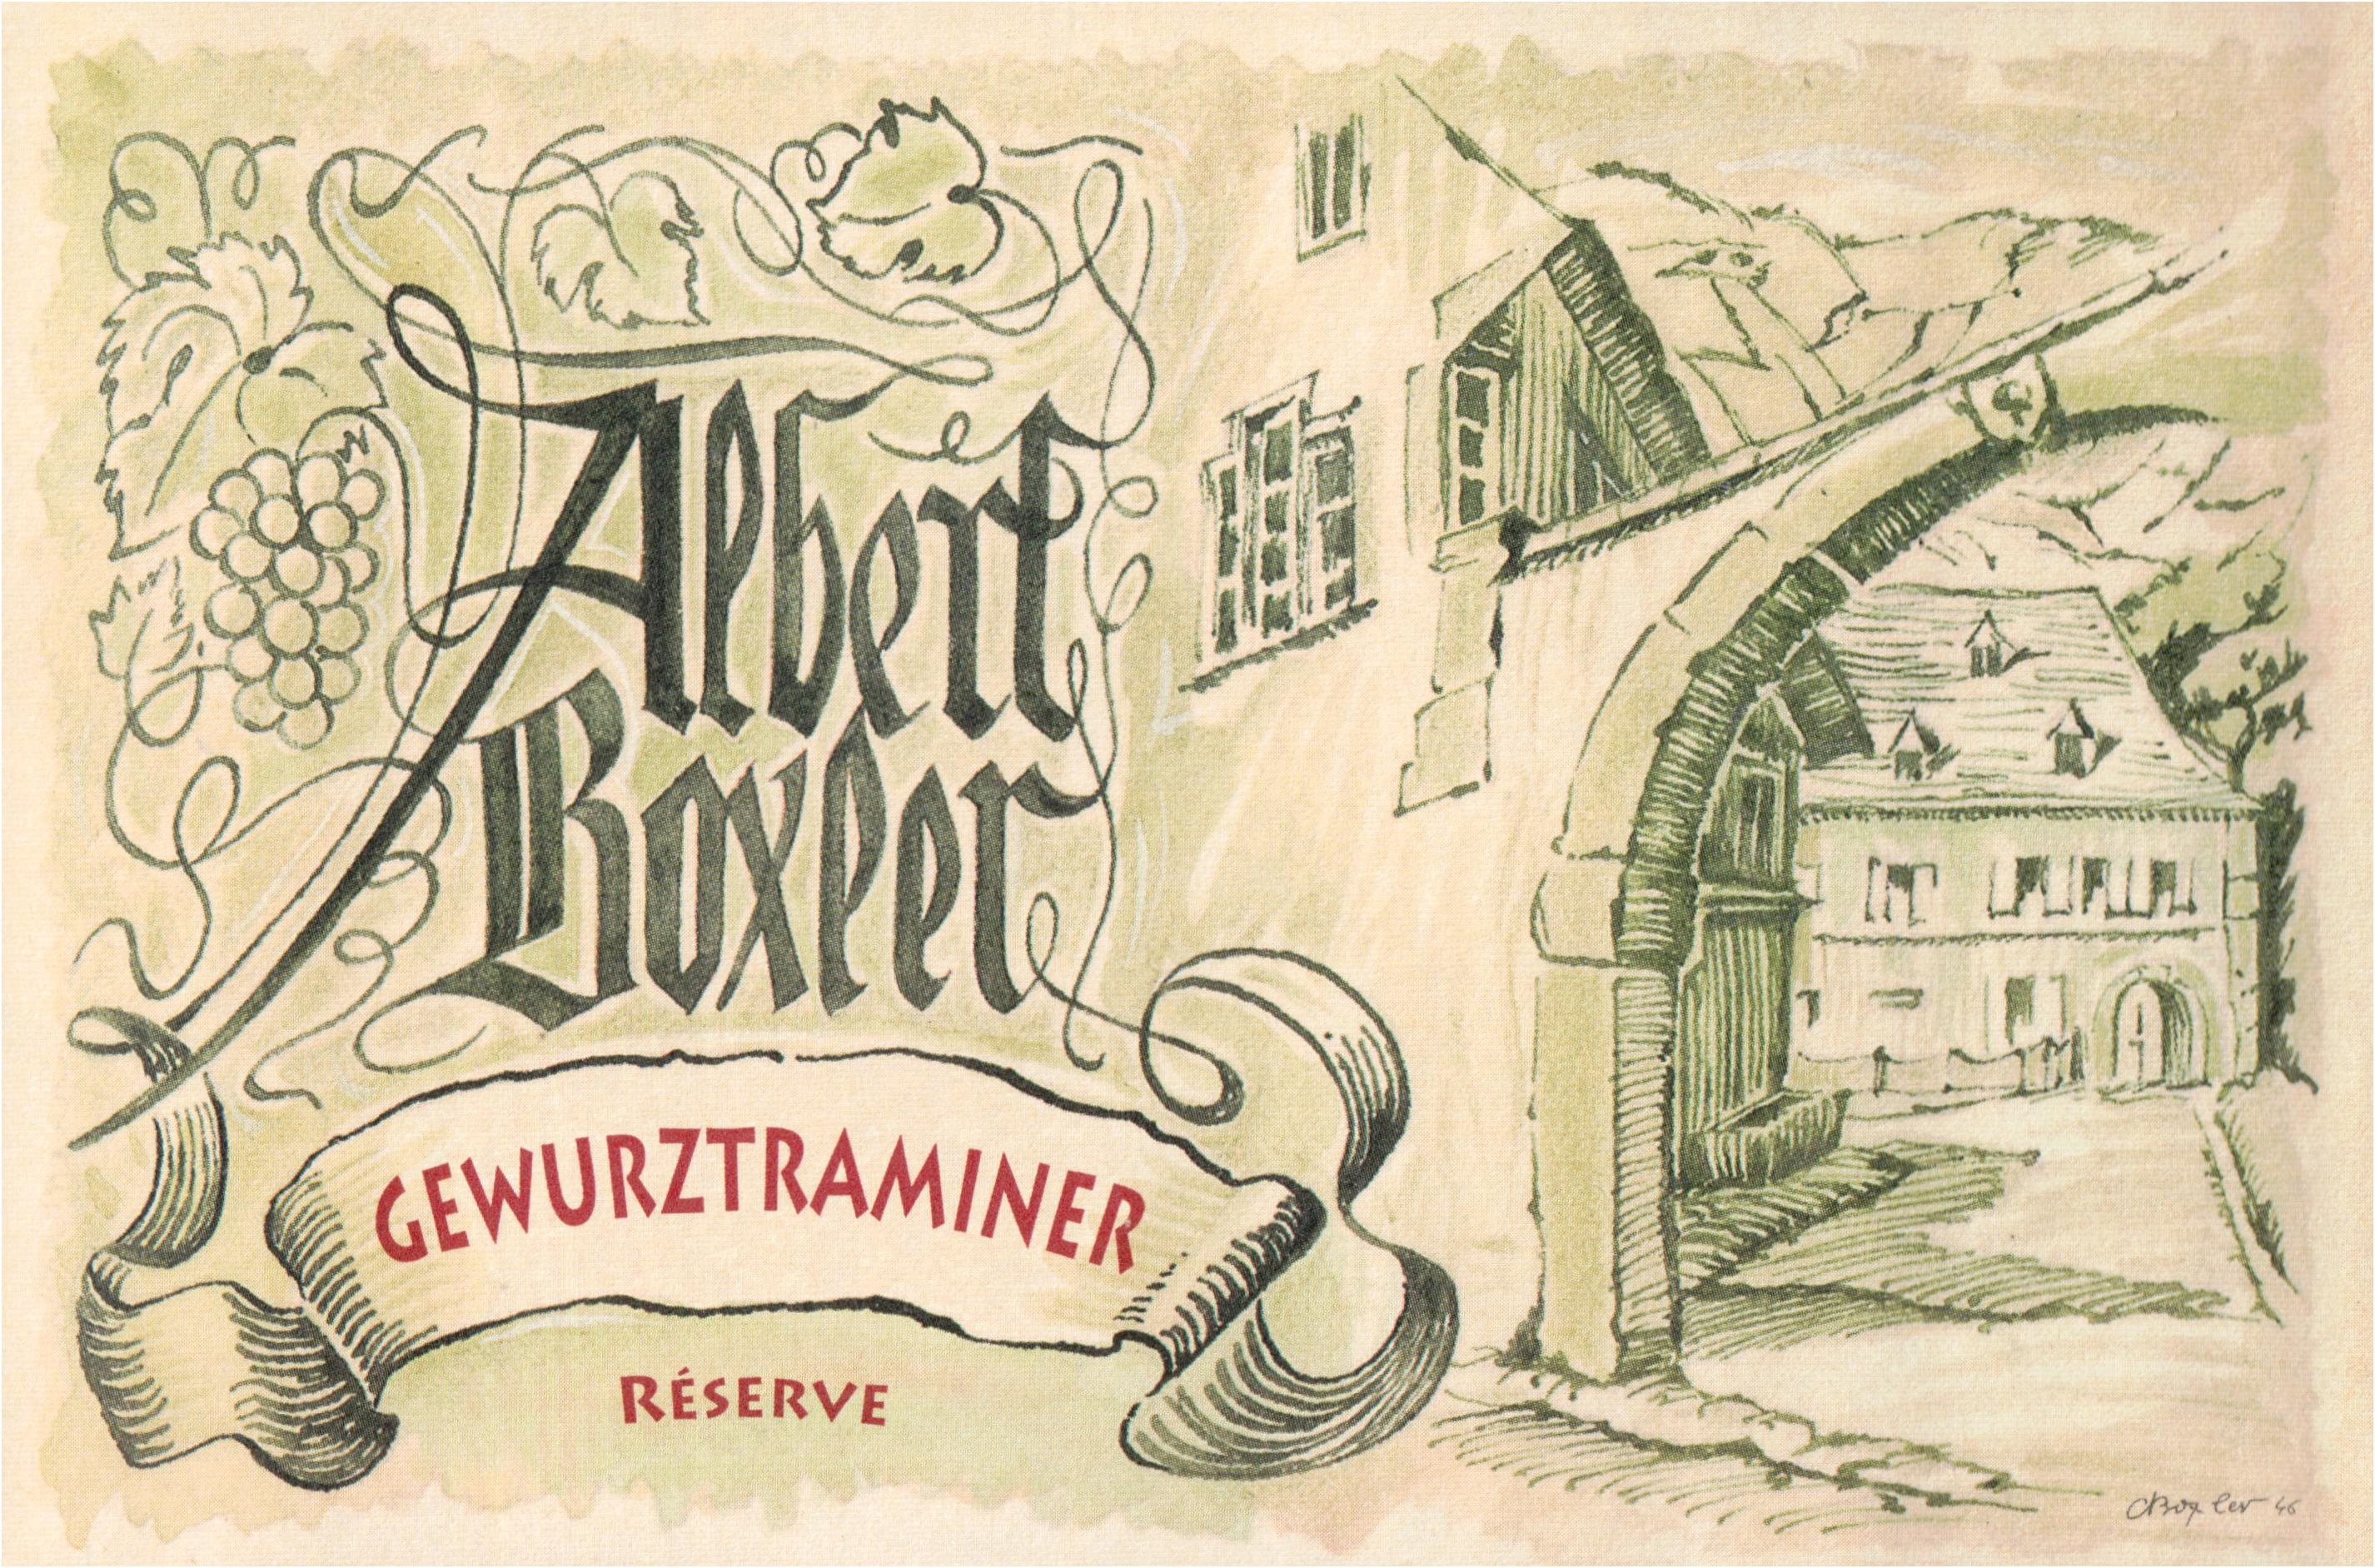 Albert Boxler Gewurztraminer Reserve 2014